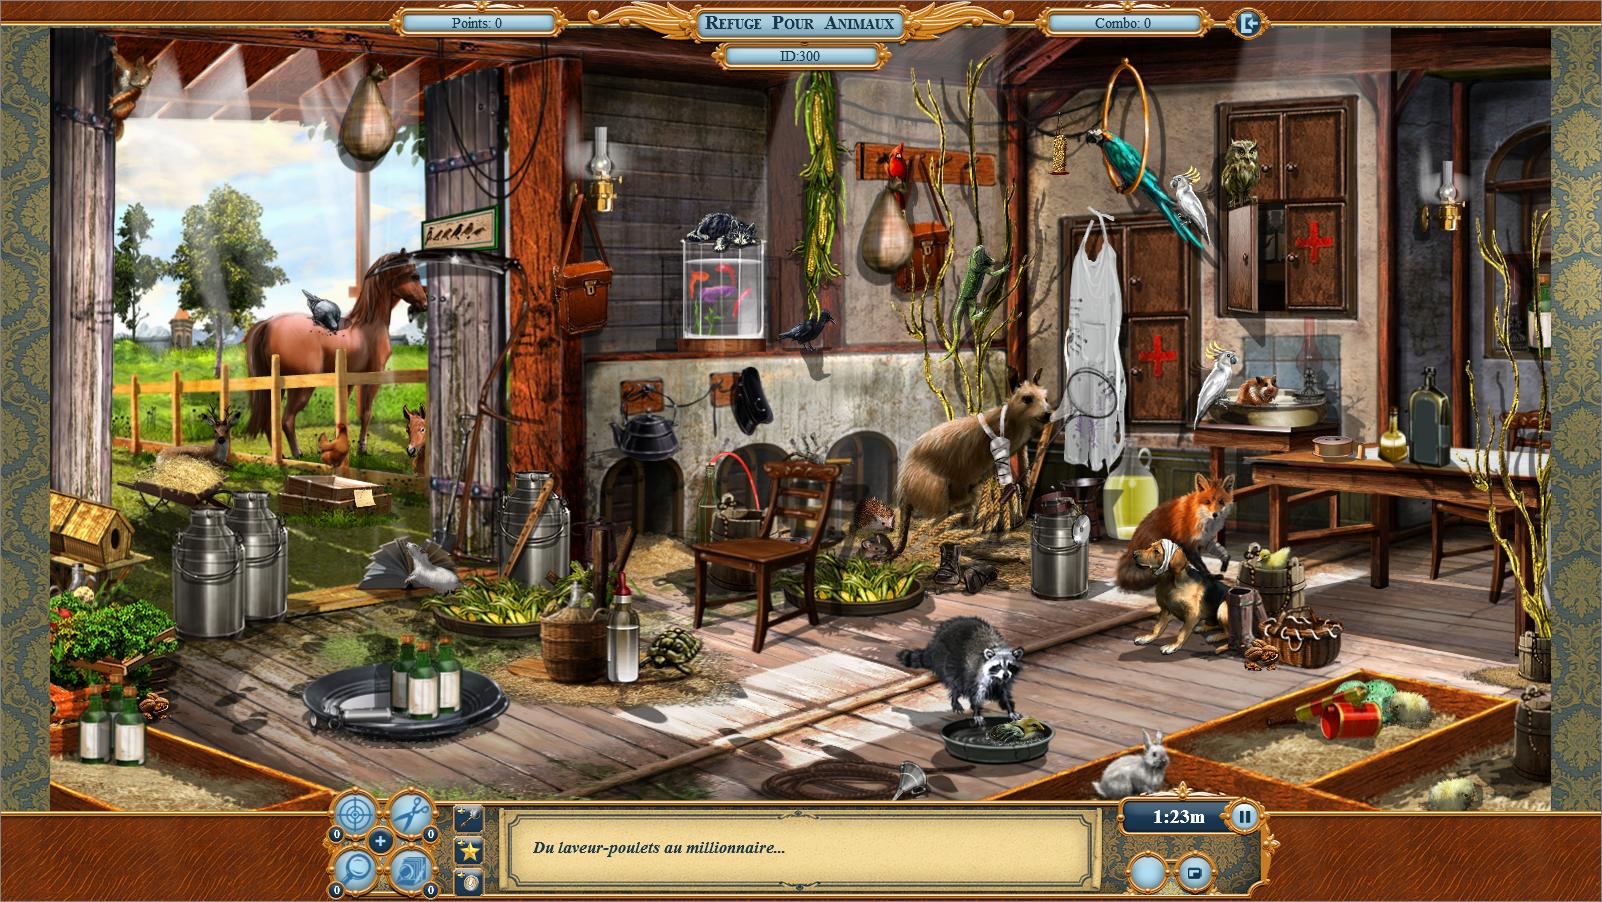 refuge pour animaux jeu 3